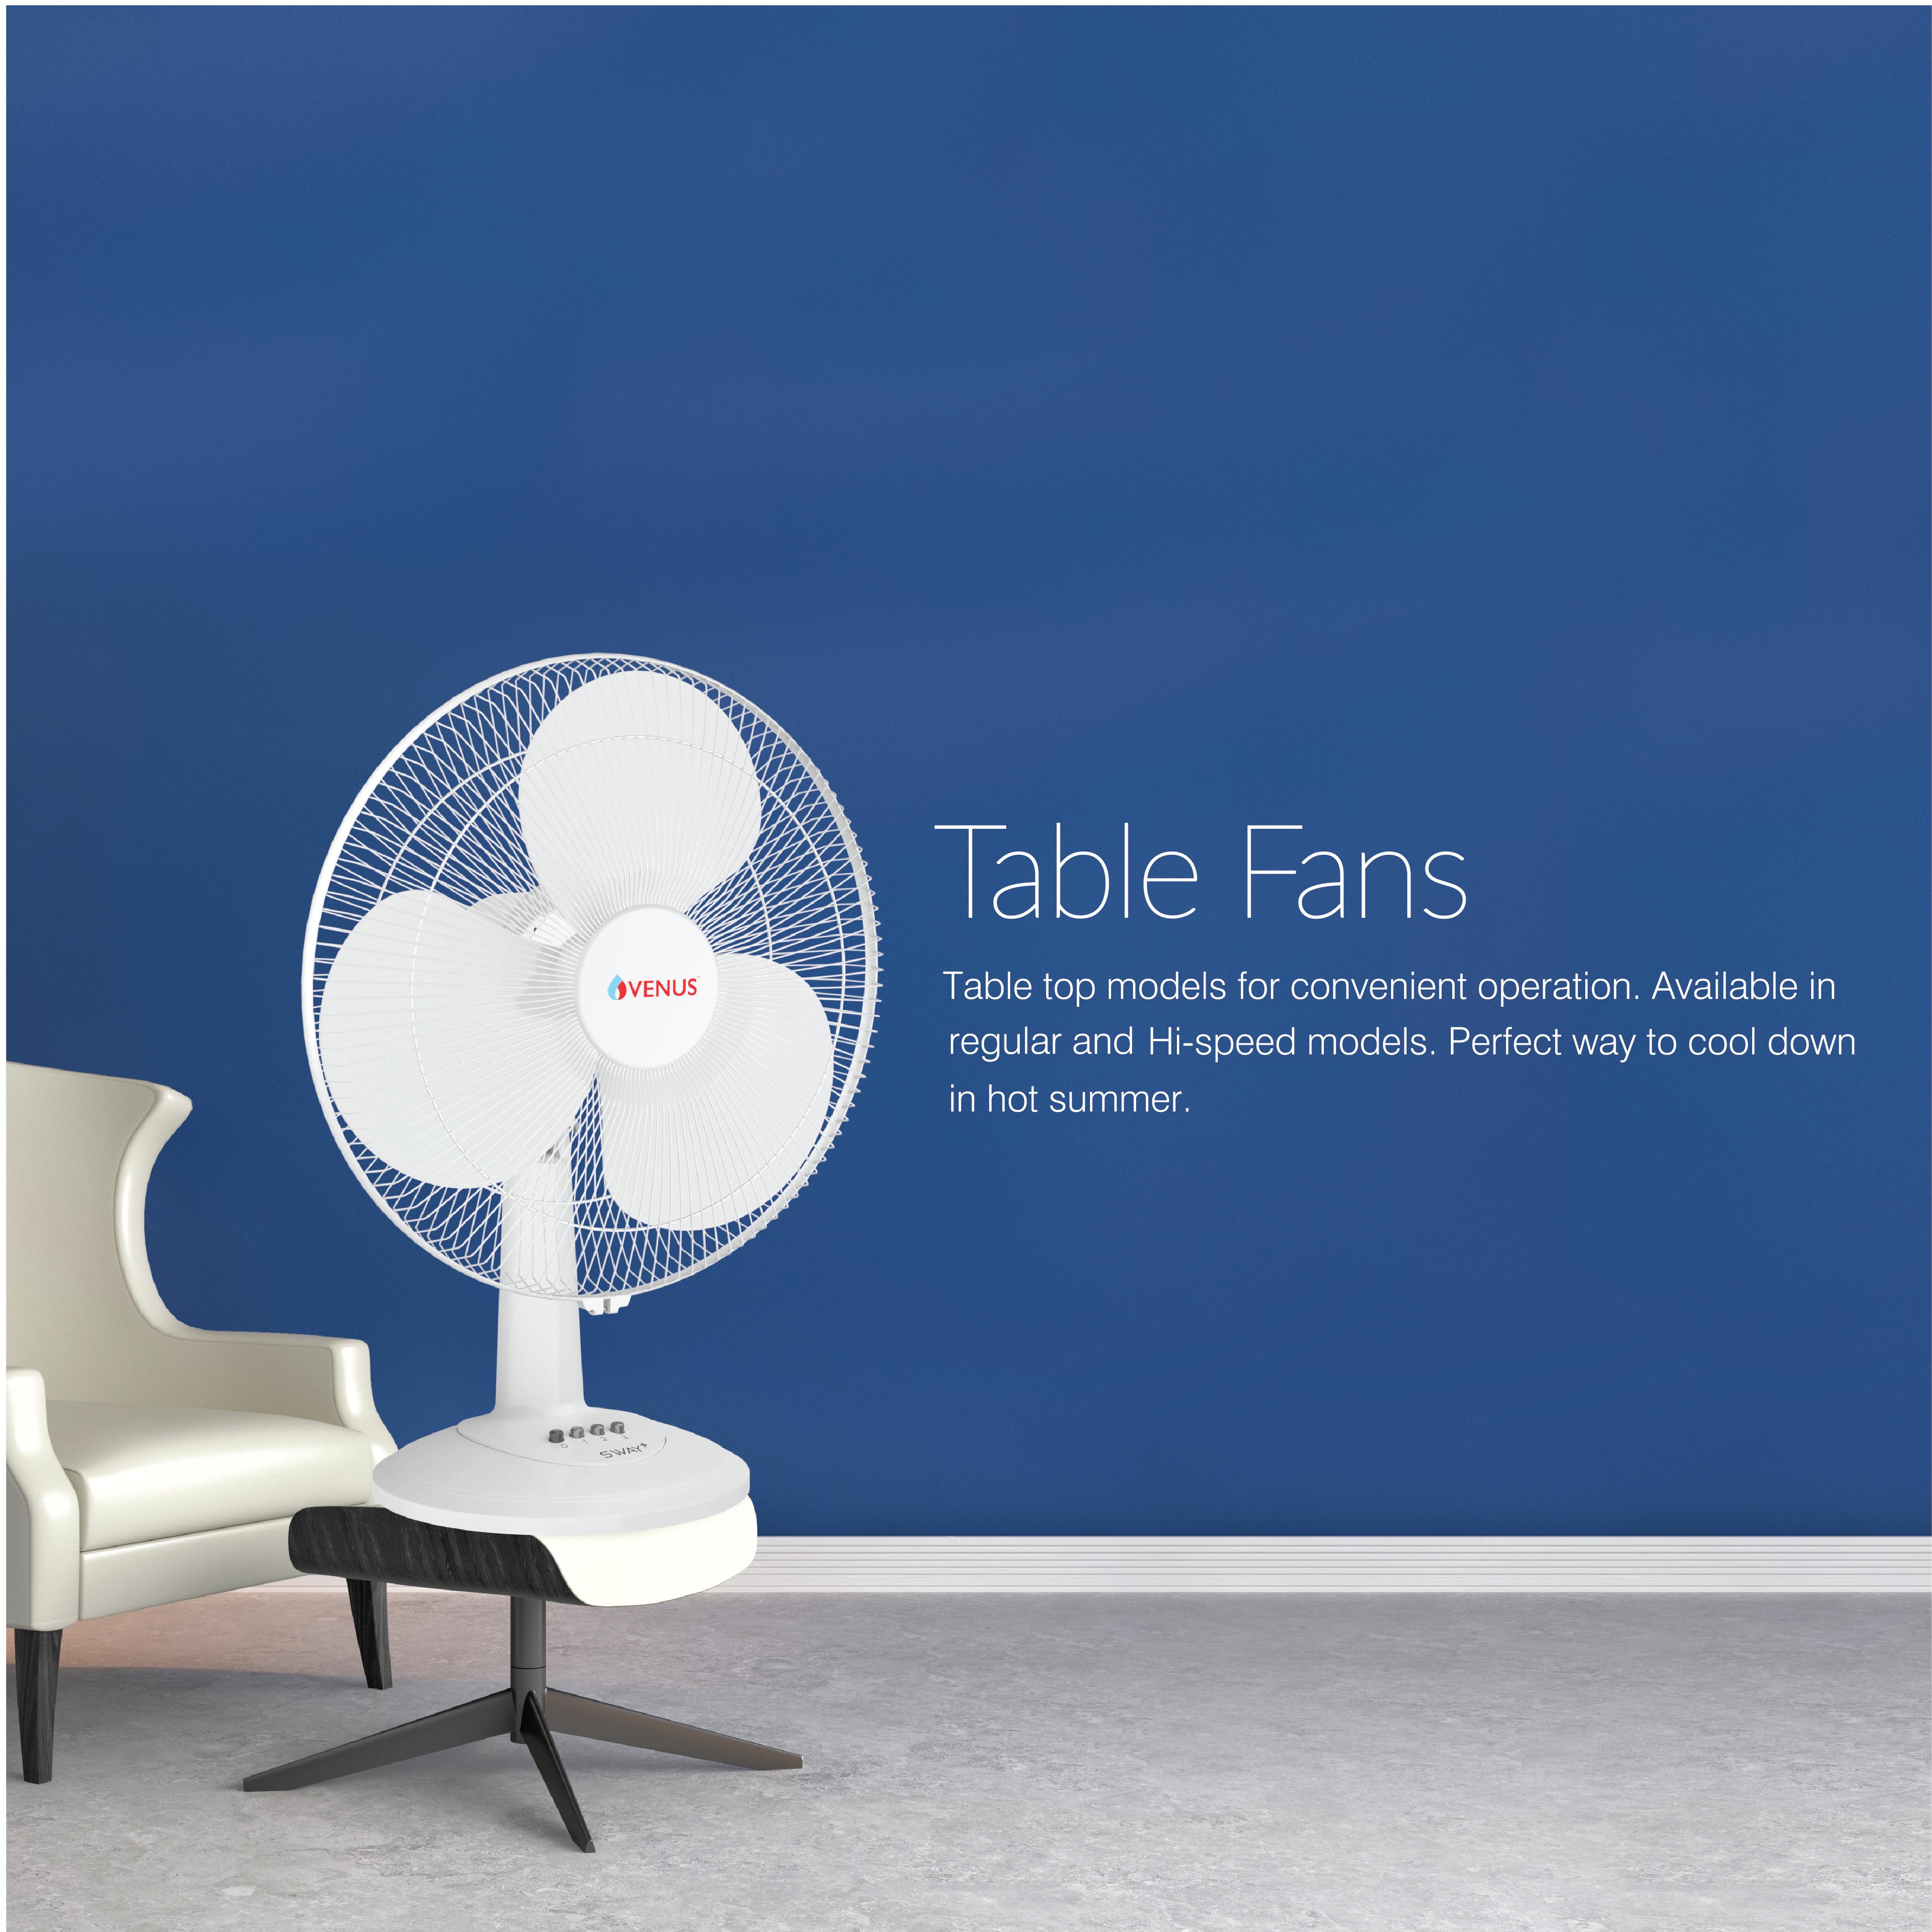 Sway Plus Table Fan